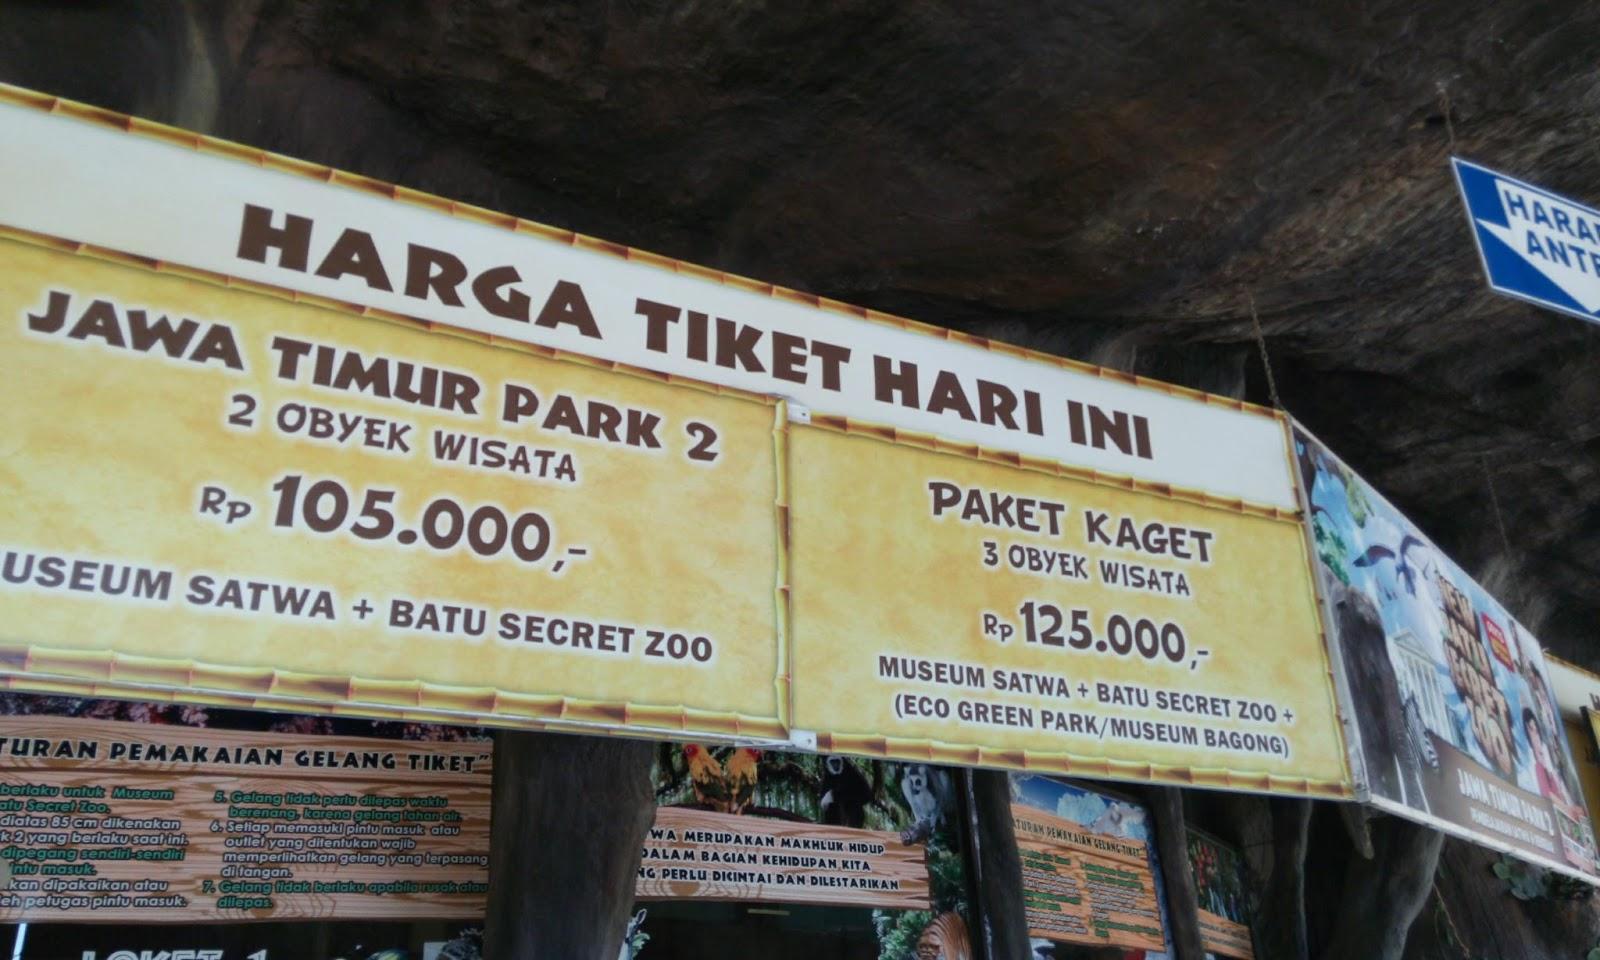 Acaranya Jalan Batu Secret Zoo Jatim Park 2 Malang Jawa